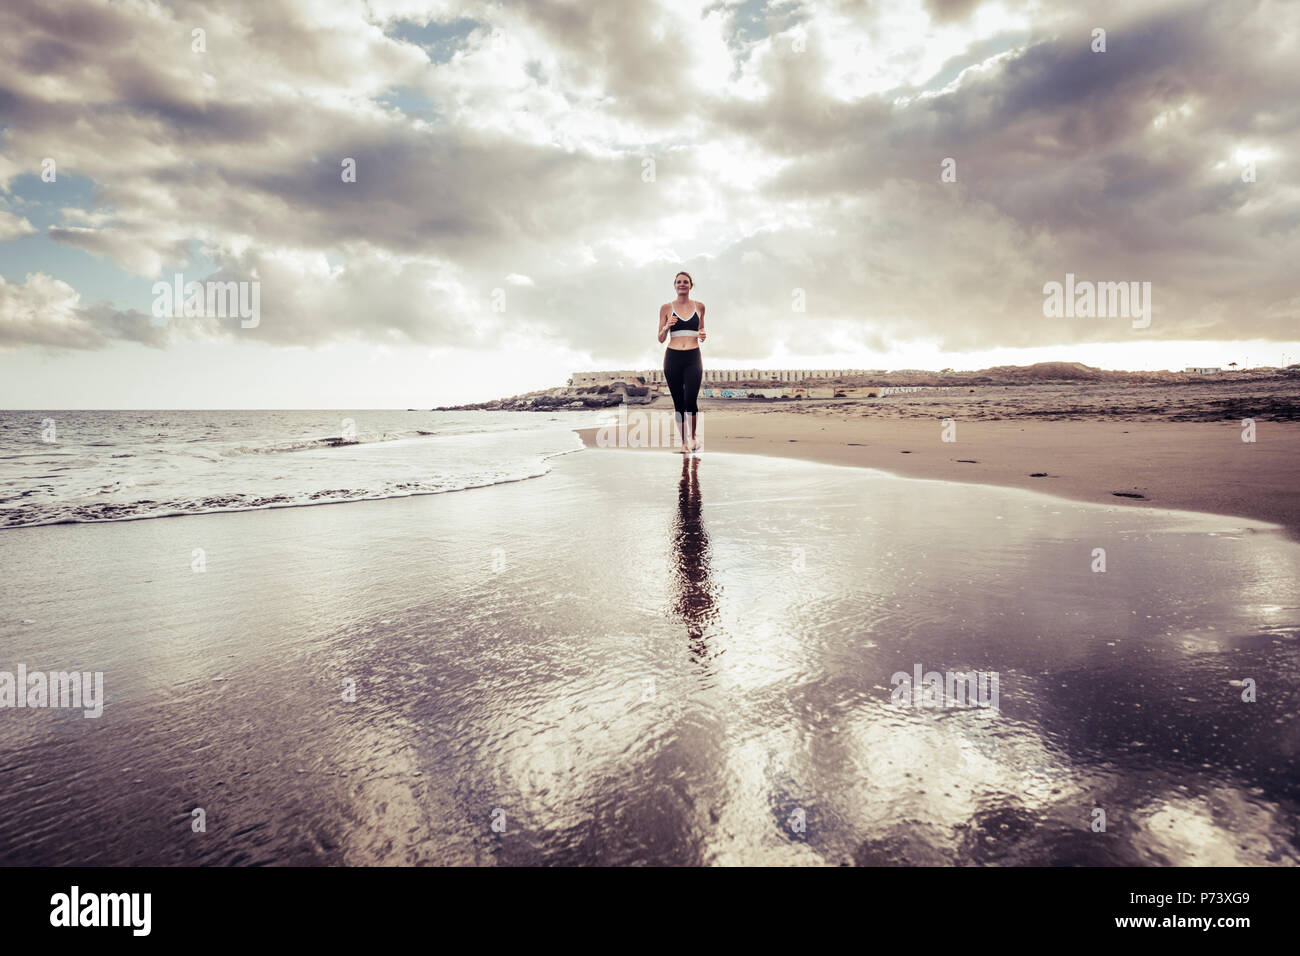 Coureur solitaire lady young caucasian girl à la plage dans l'exécution de style pieds nus sur le rivage. vagues et l'océan. Concept activité sport un incroyable coucher du soleil Photo Stock